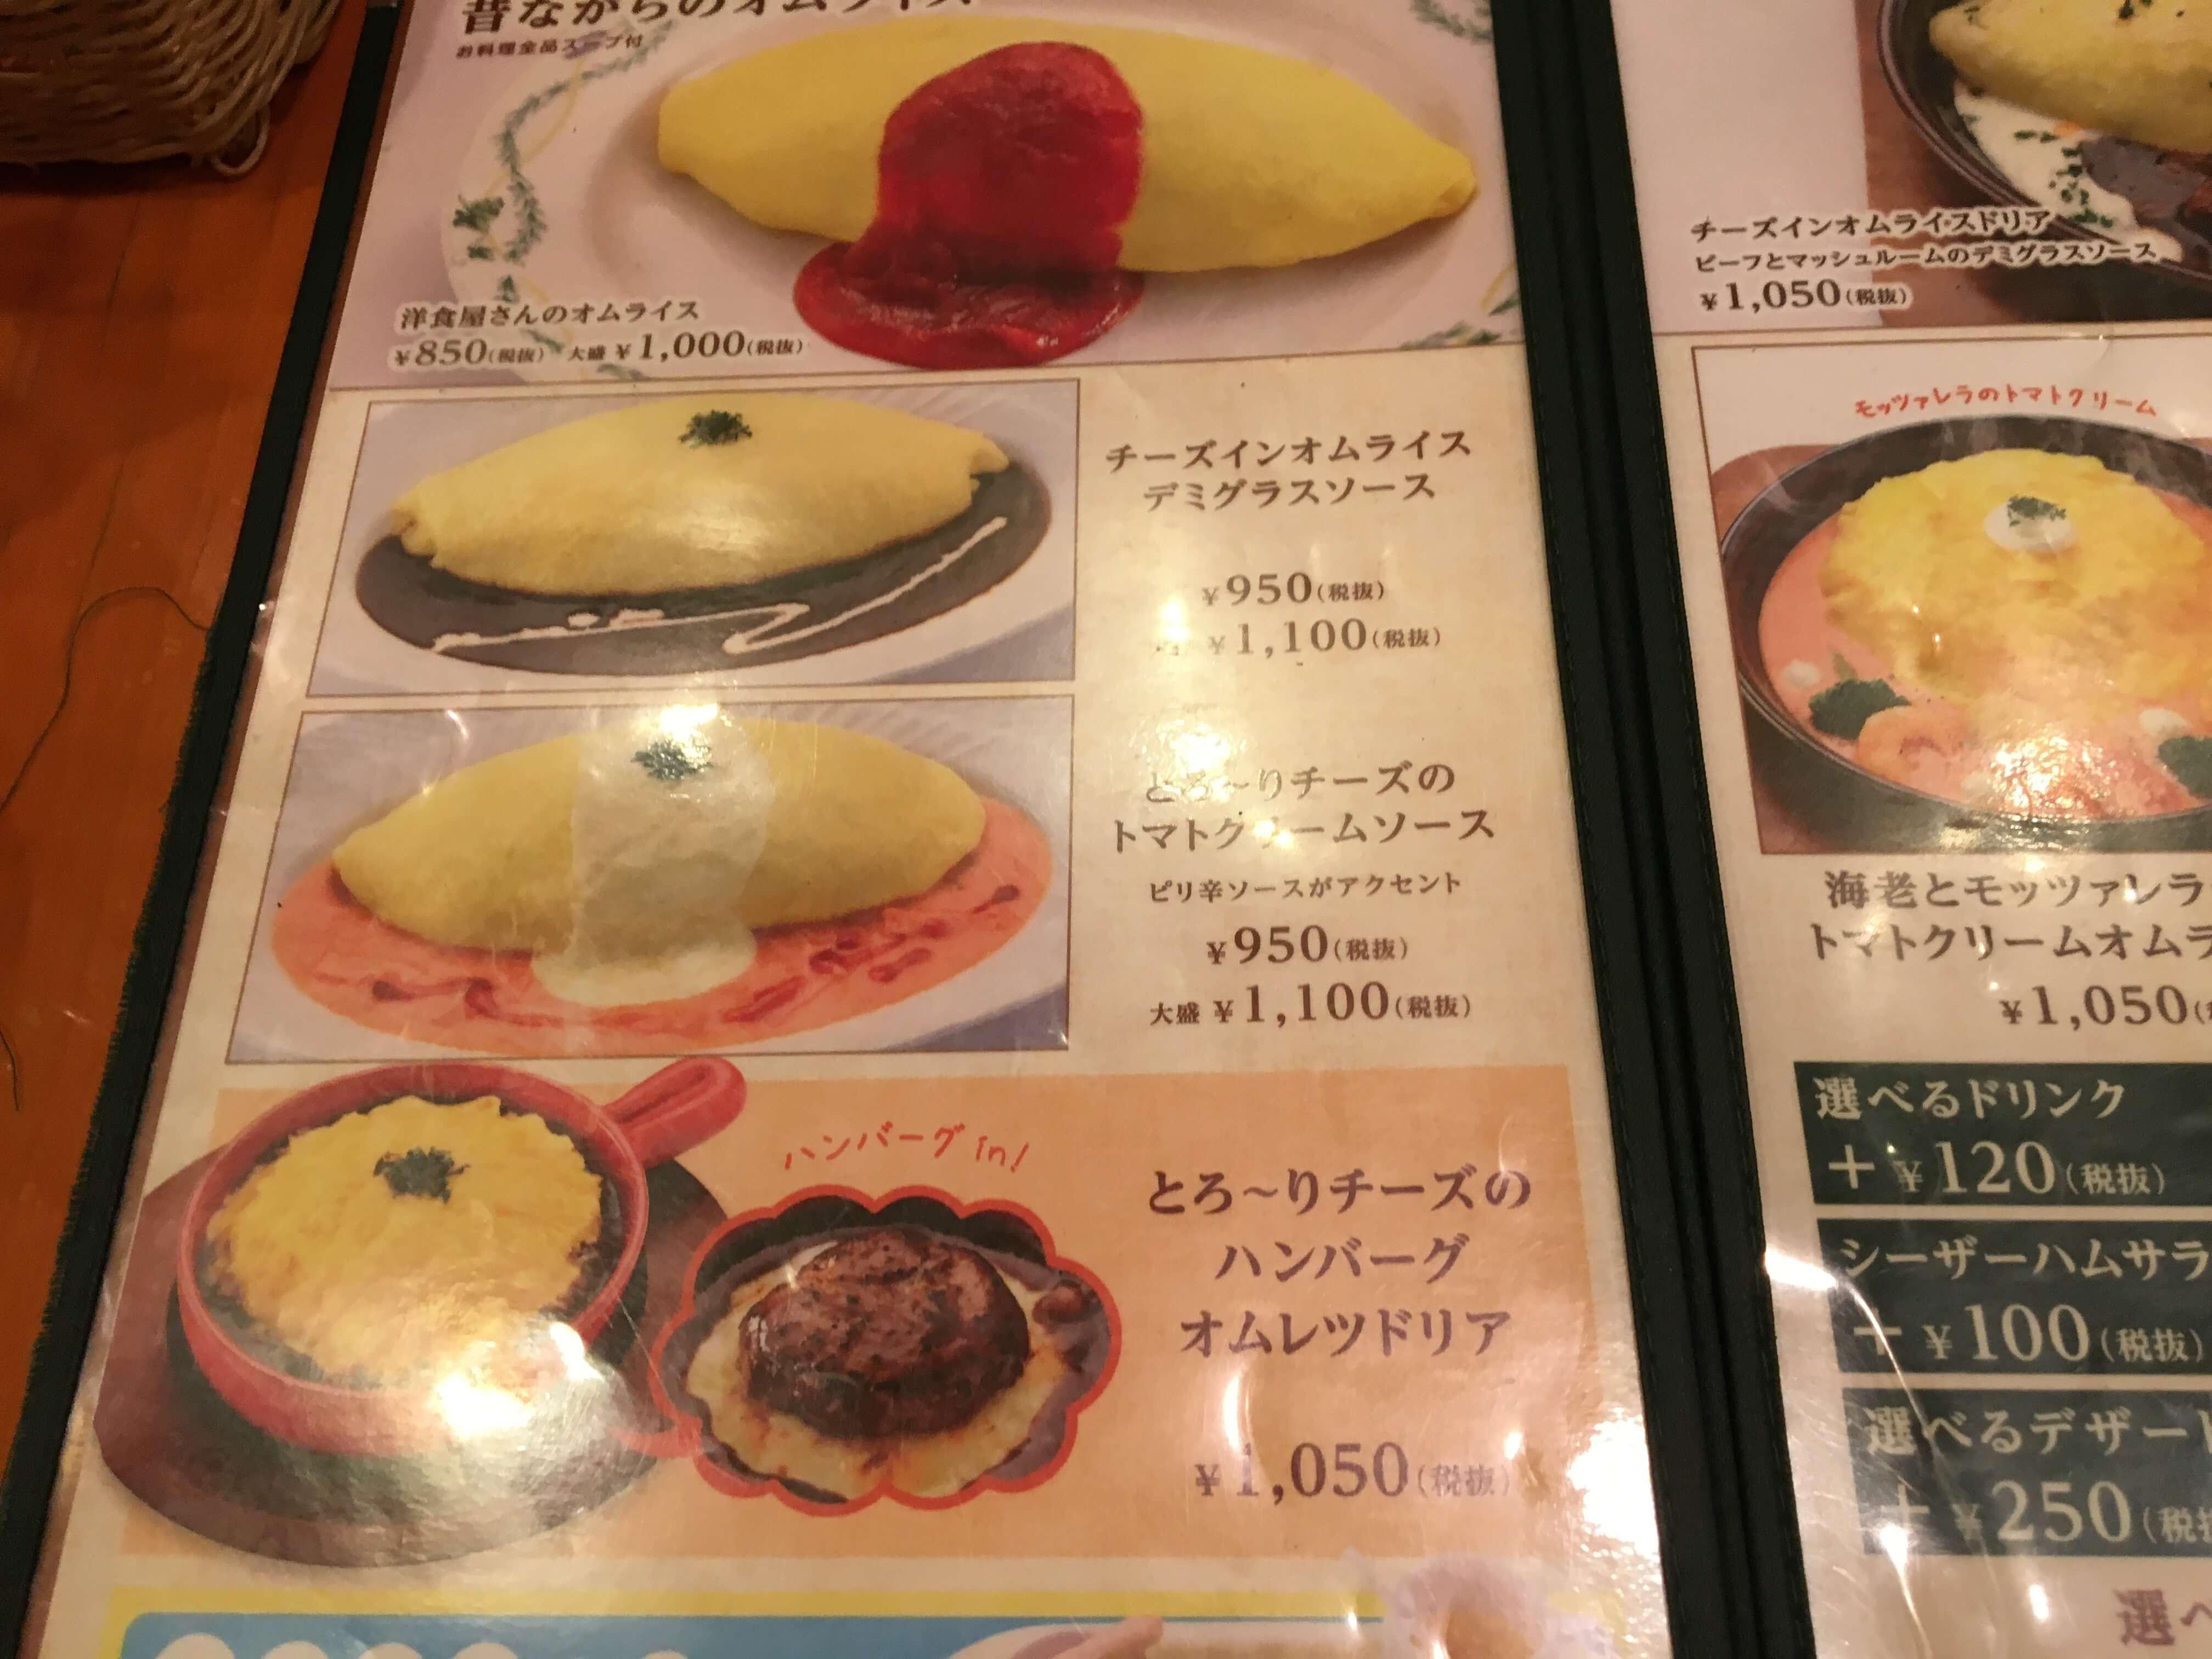 卵と私 札幌アピア店のメニュー